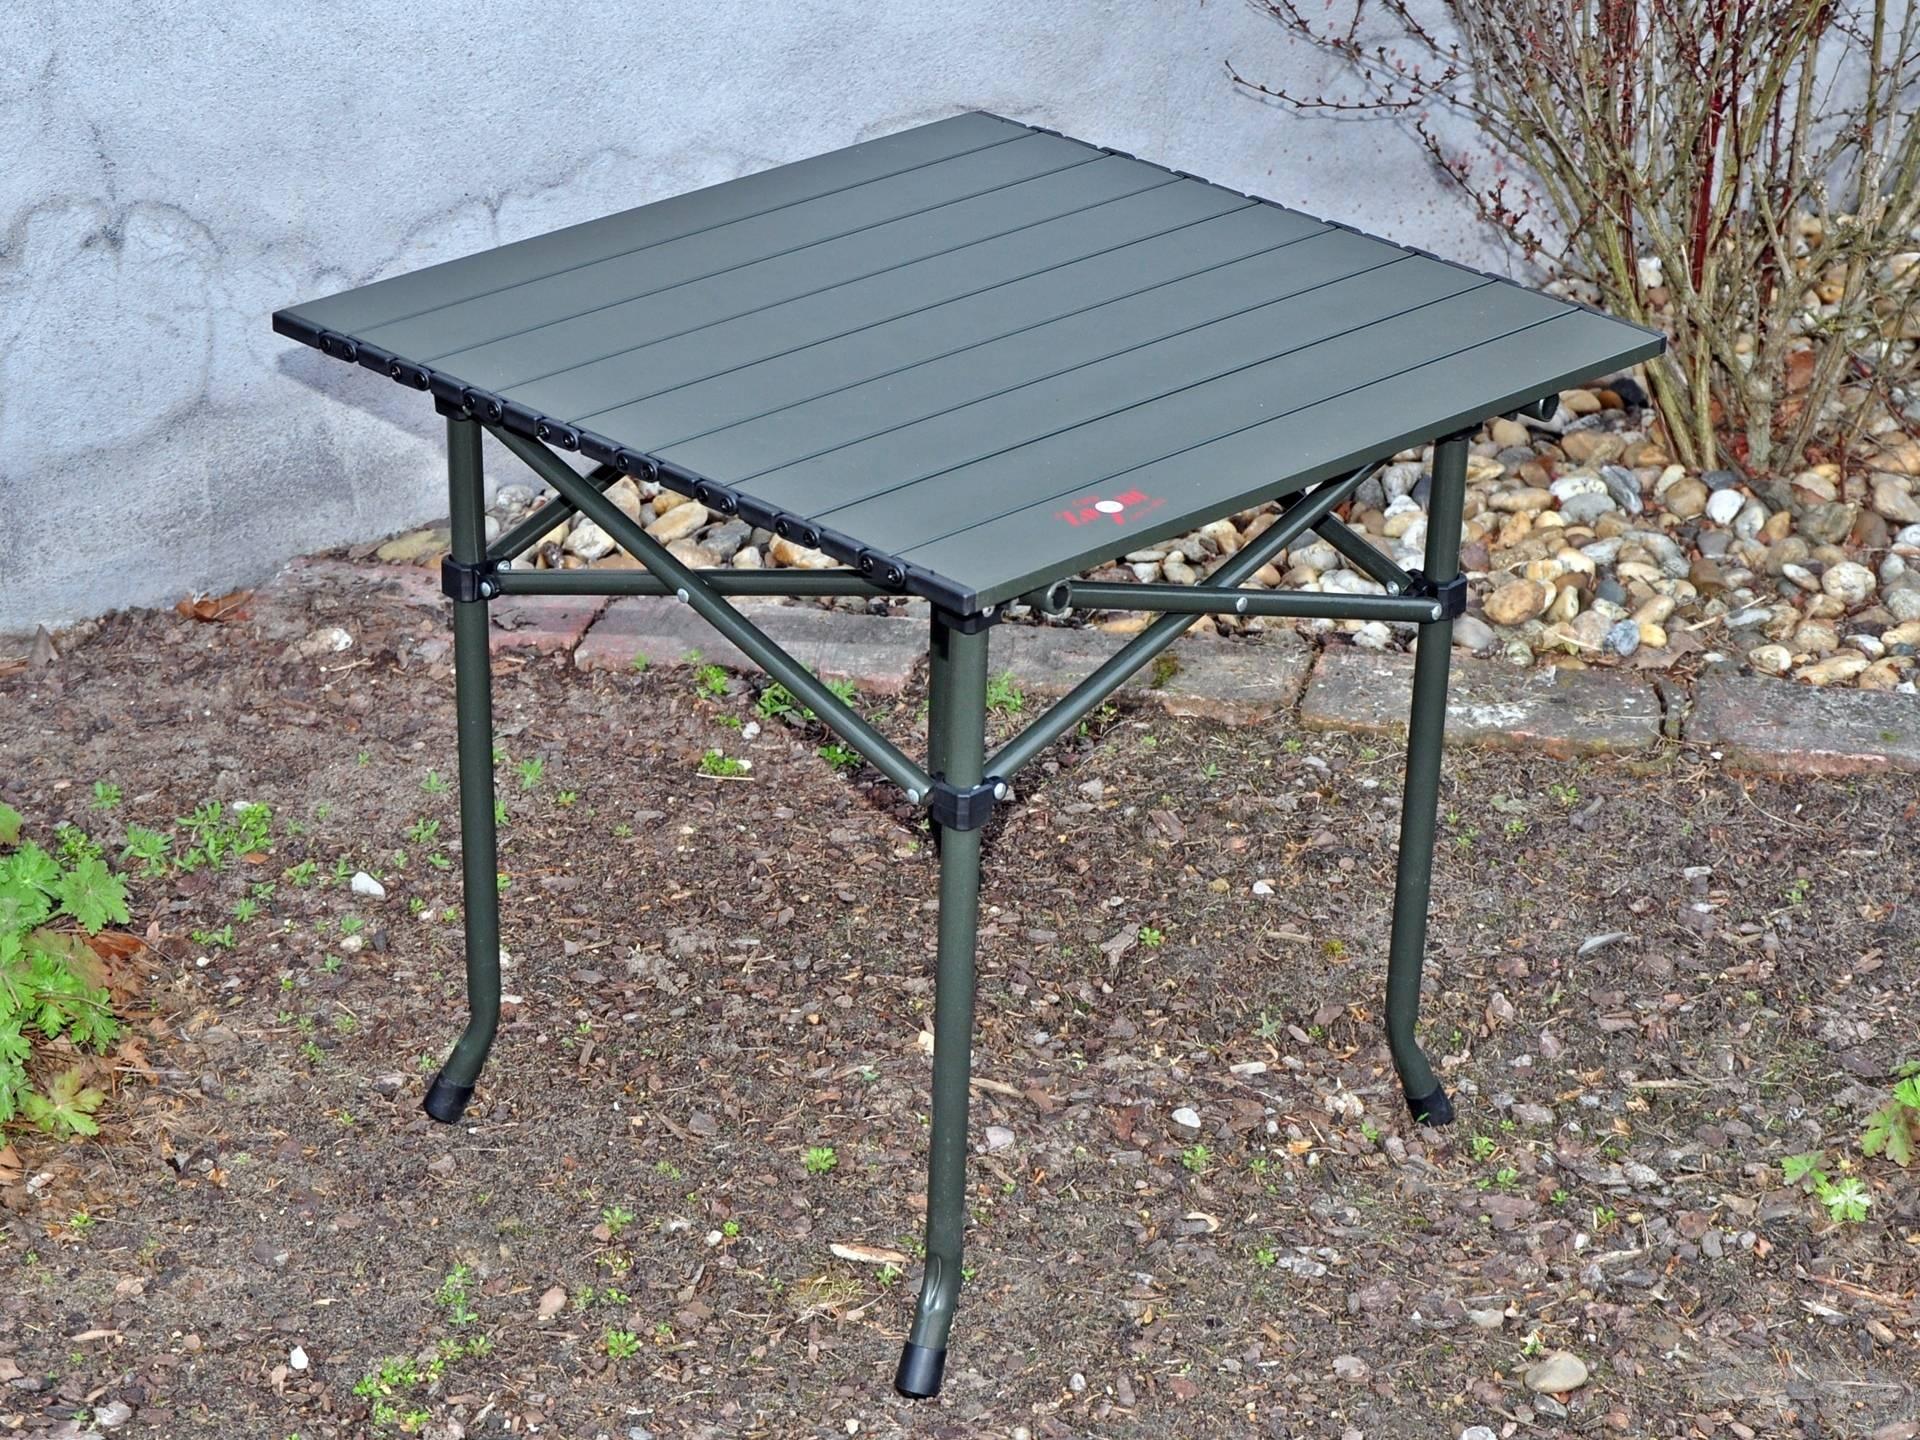 Magasabb kialakításának köszönhetően jóval kényelmesebb megoldást kínál, mint a hagyományos asztalkák